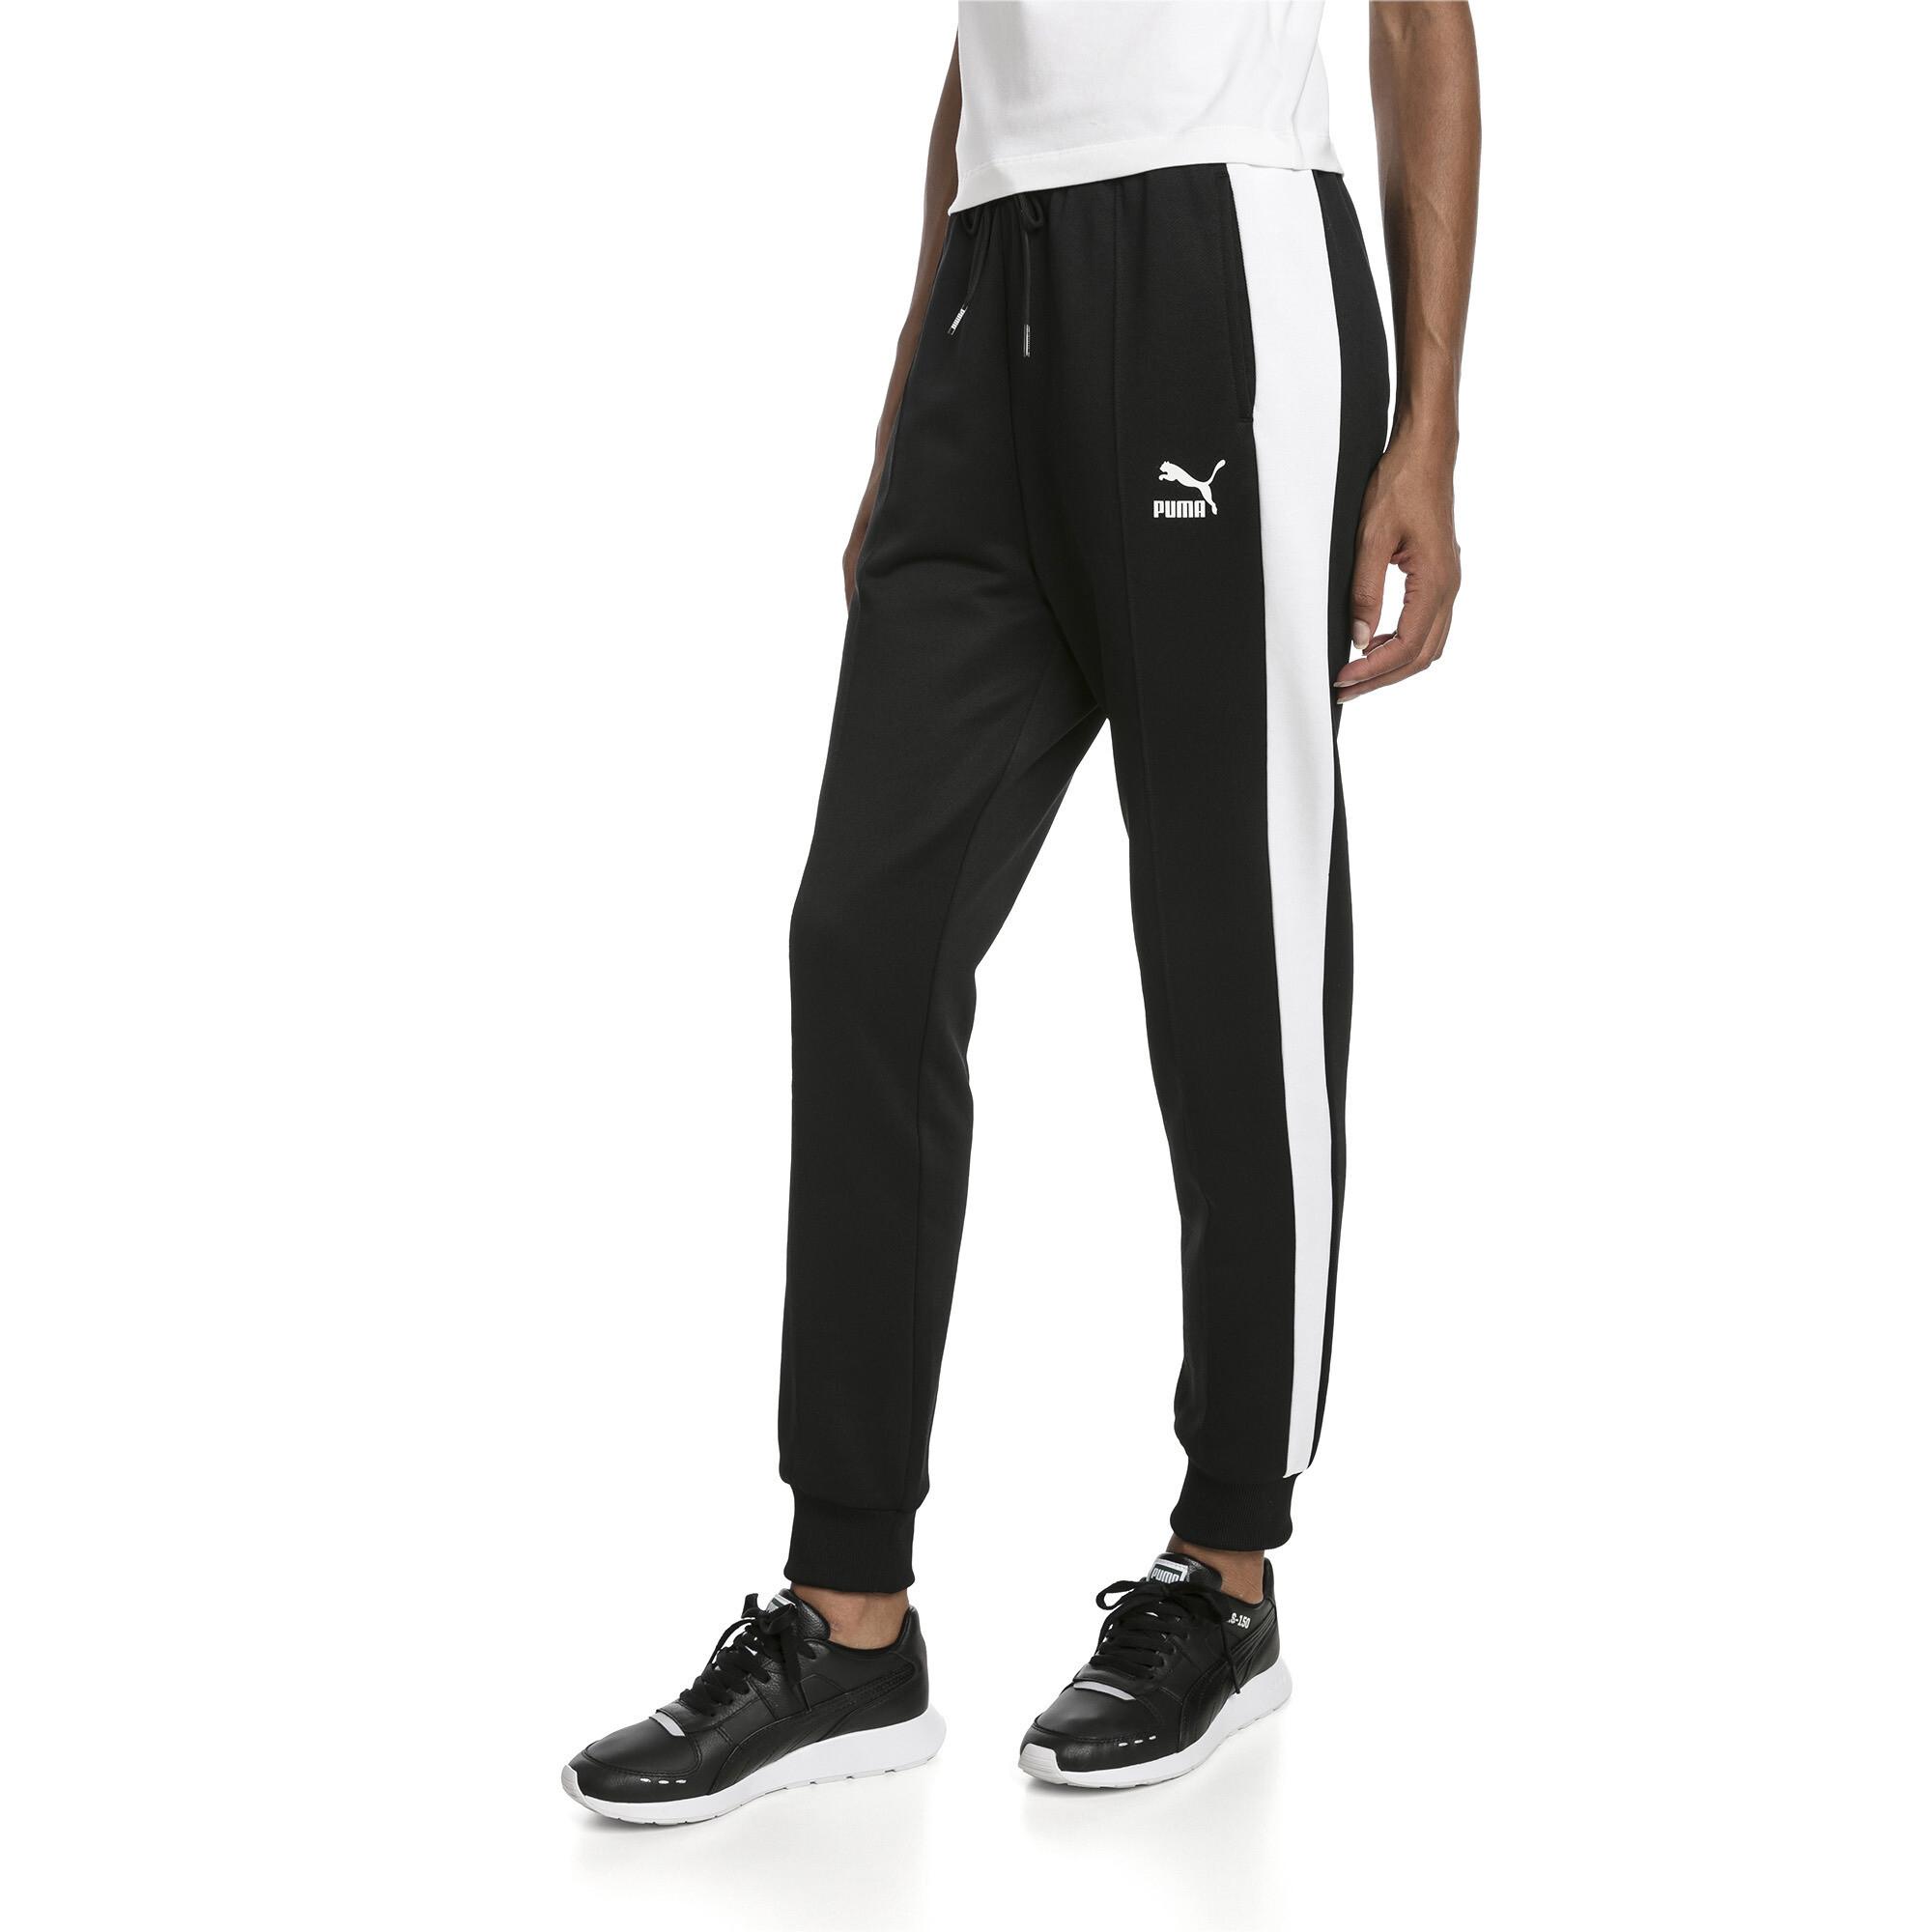 cbe82cc64 Pantalones deportivos de tejido de punto Classics T7 para mujer